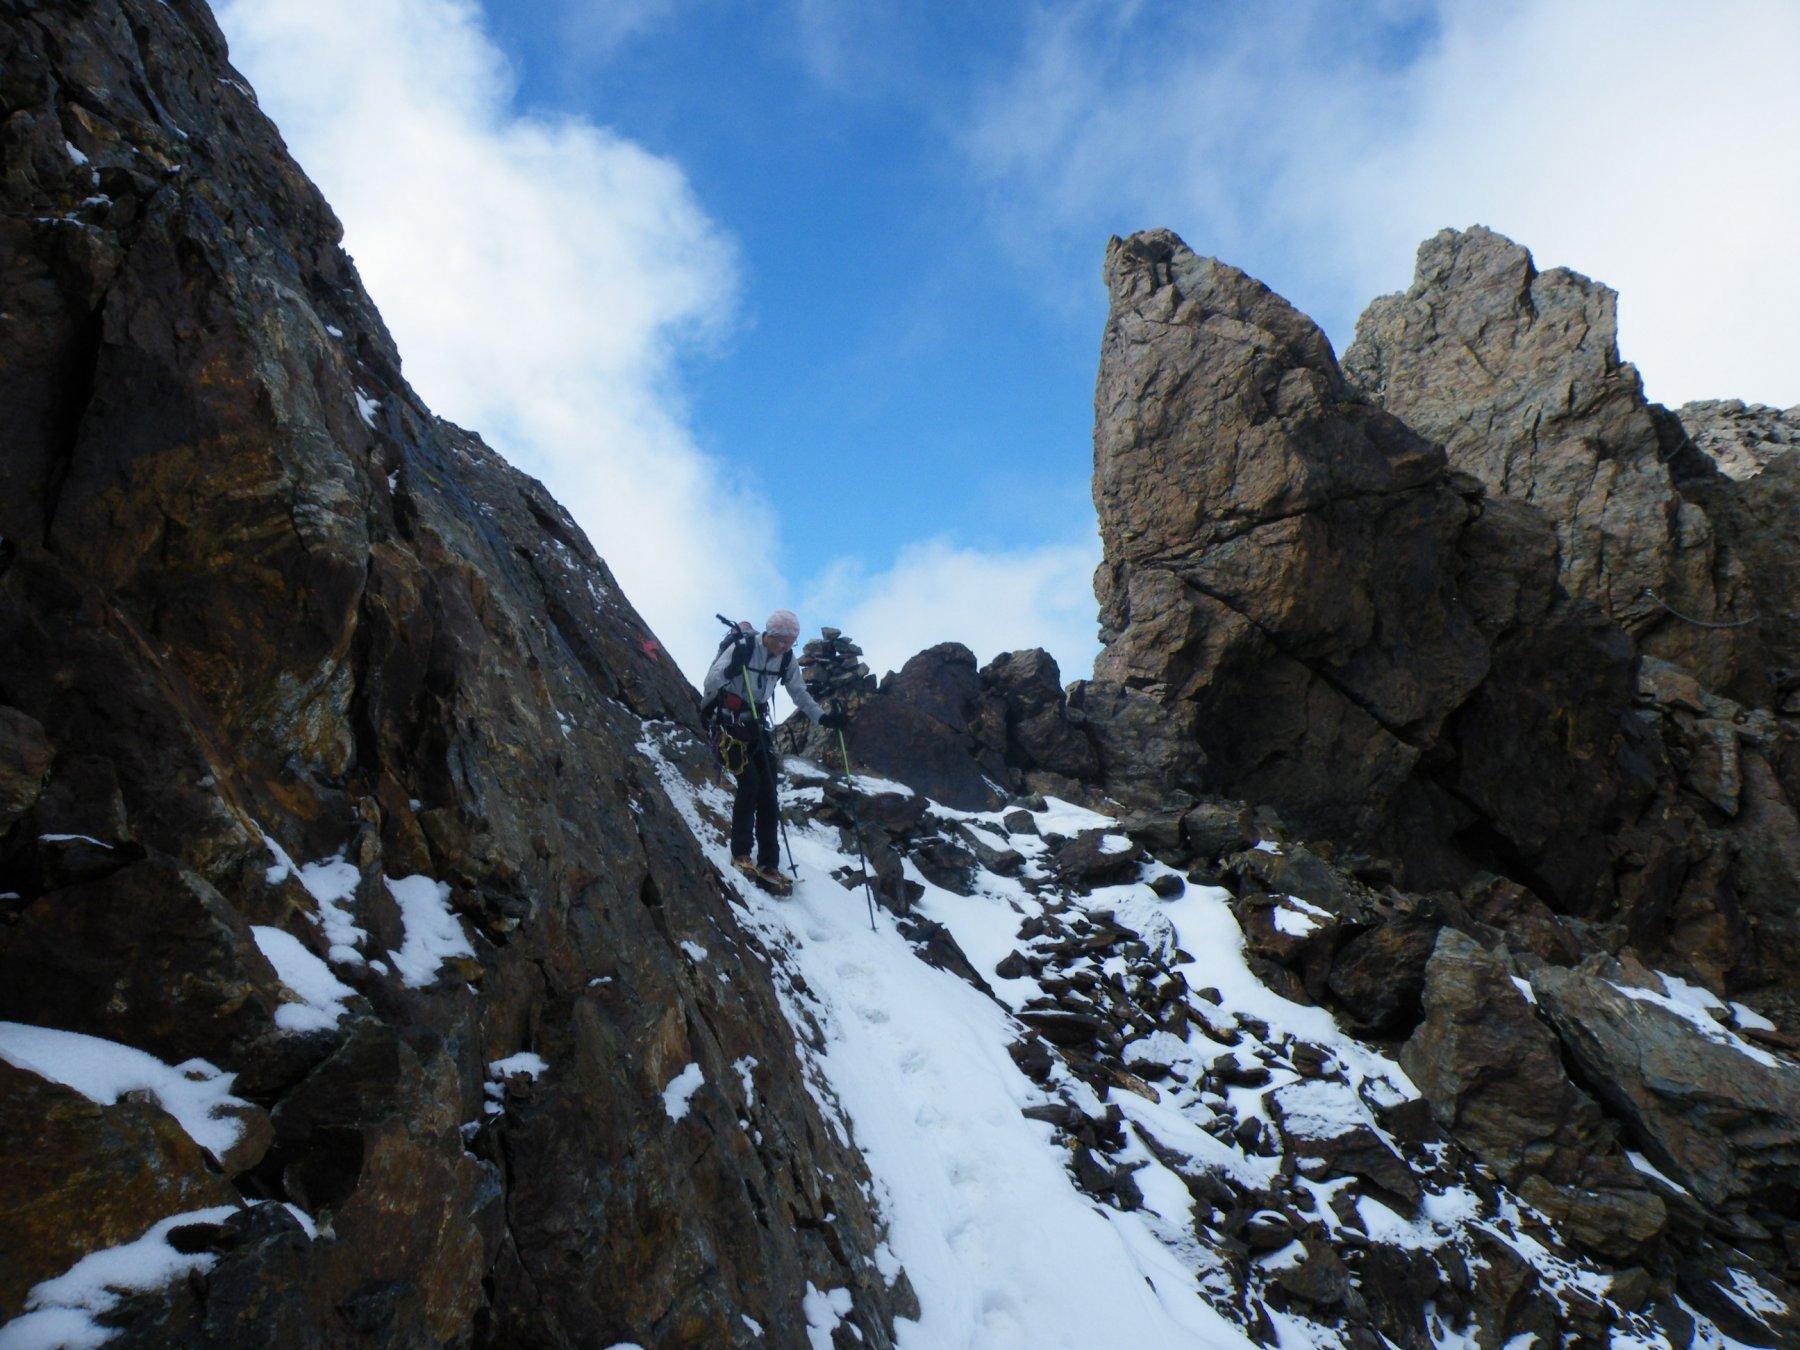 Sternai (Cima) o Hintere Eggenspitze dalla Val d'Ultimo 2018-10-13